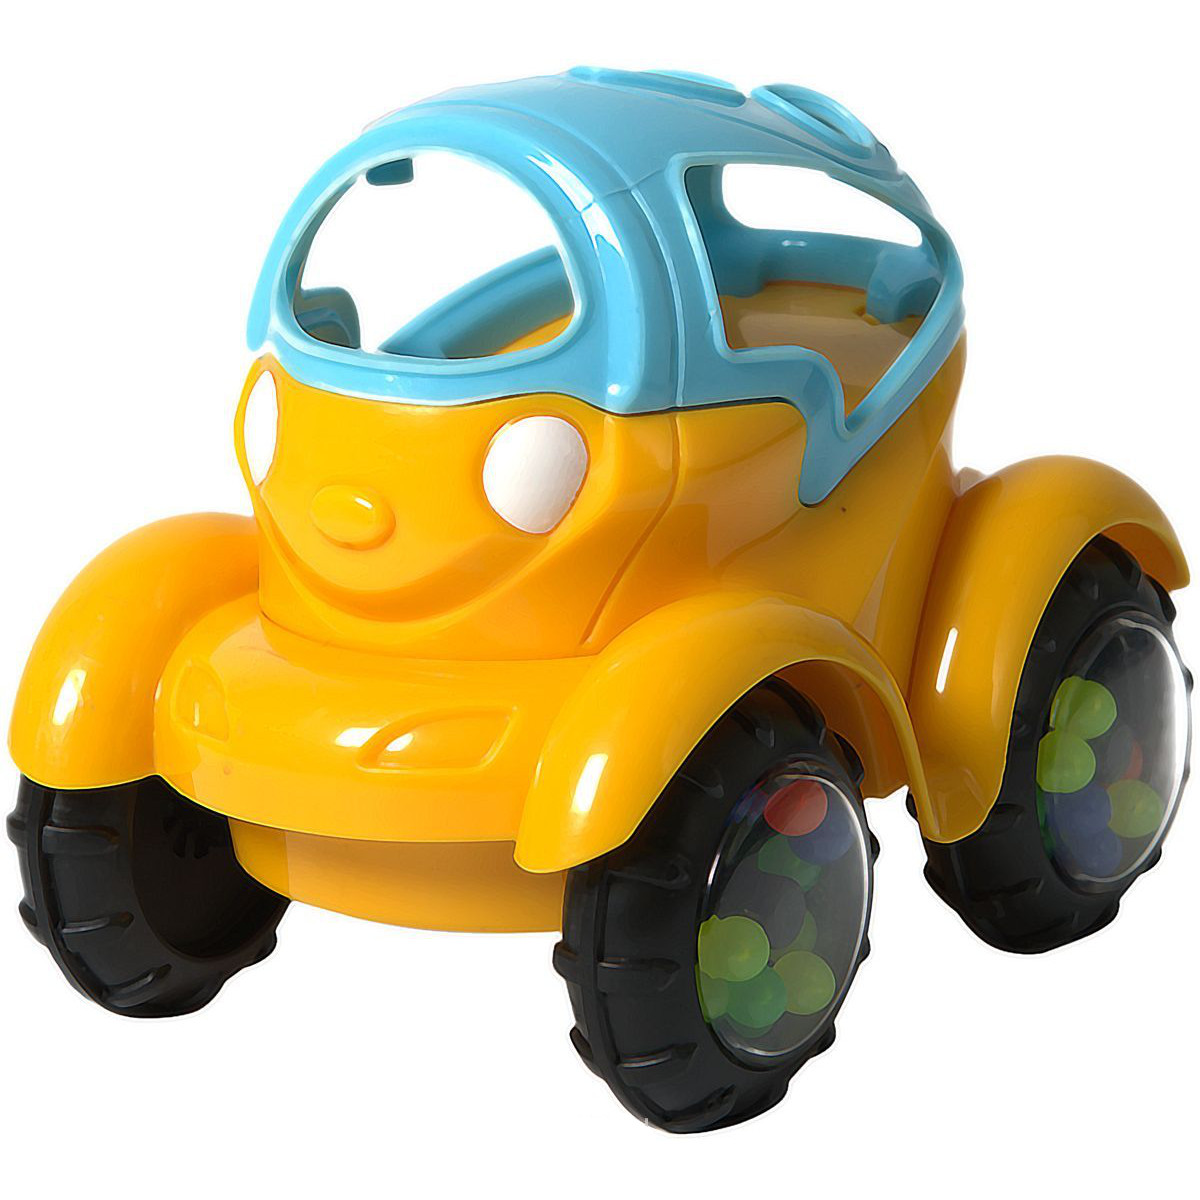 Машинка-неразбивайка, сине-желтаяМашинки для малышей<br>Машинка-неразбивайка, сине-желтая<br>